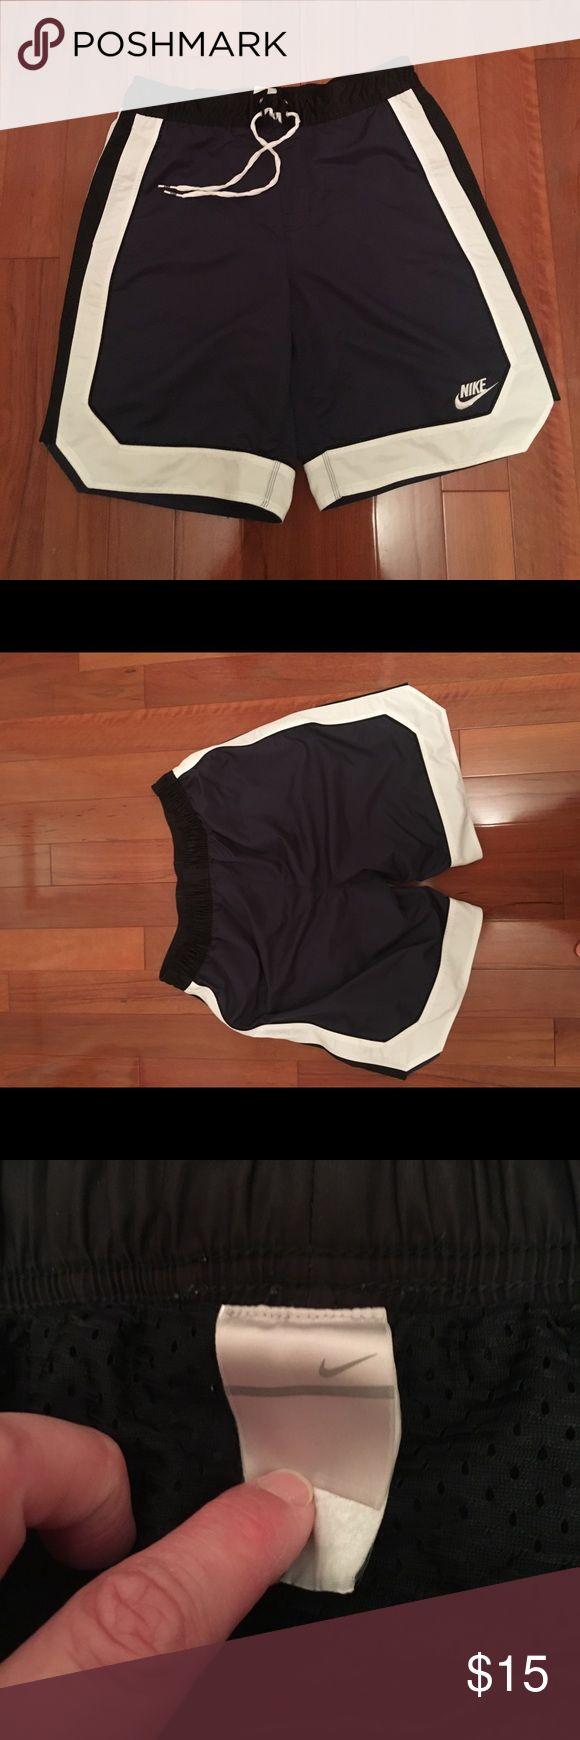 Nike swim shorts Nike blue and white swim shorts size large with elastic in back waistband Nike Swim Board Shorts